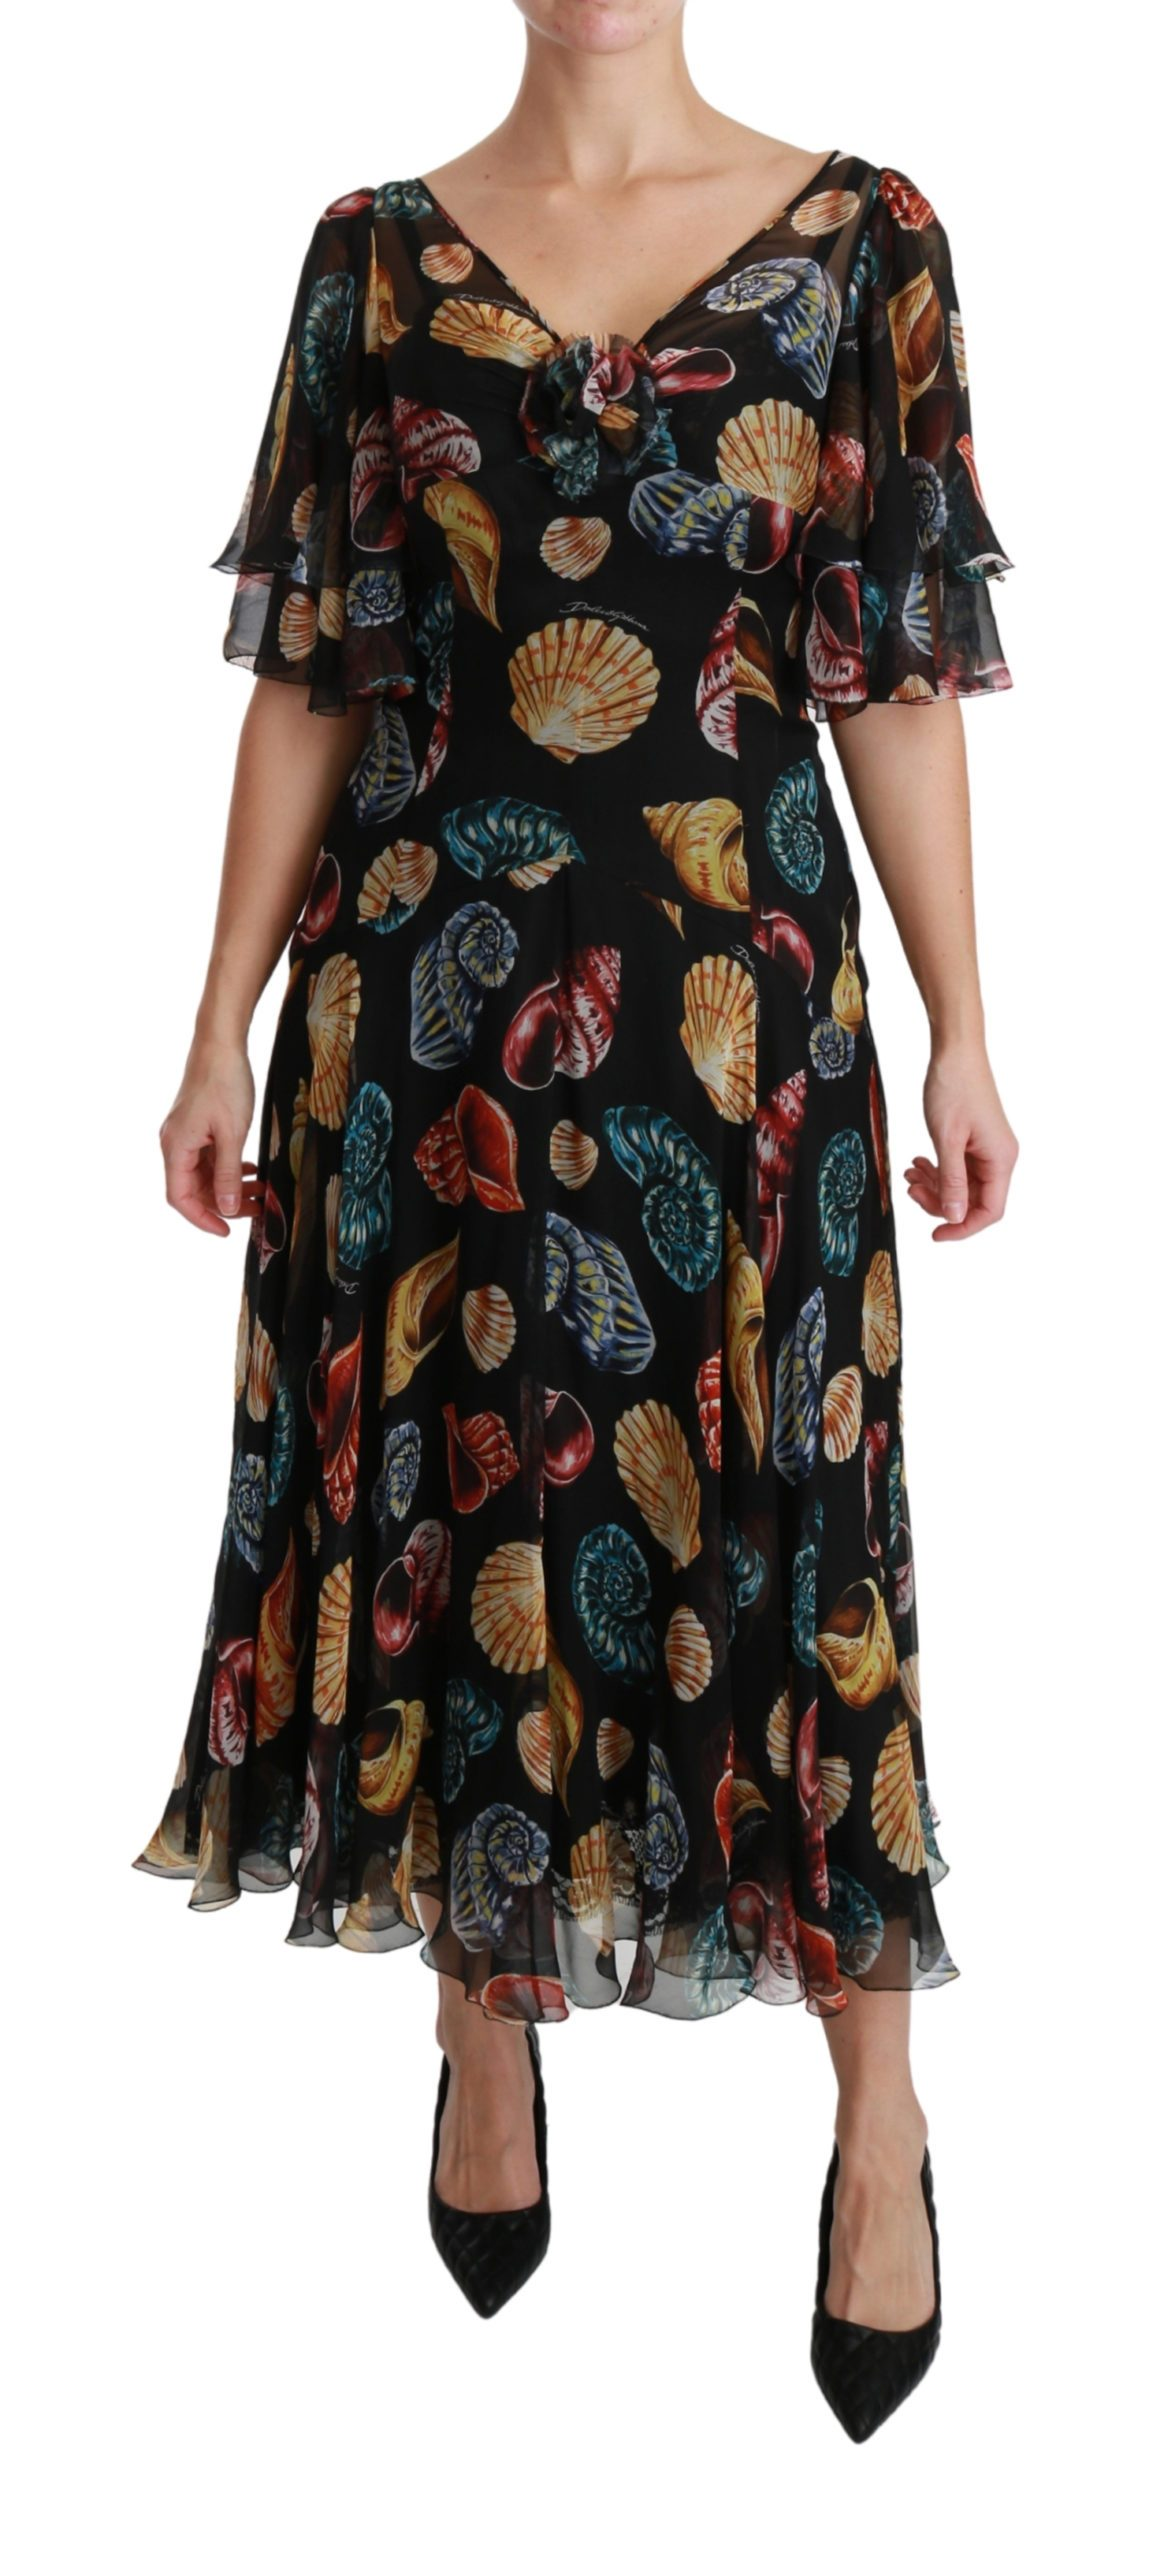 Dolce & Gabbana Women's Sea Shells Maxi A-line Midi Silk Dress Black DR2536 - IT40|S